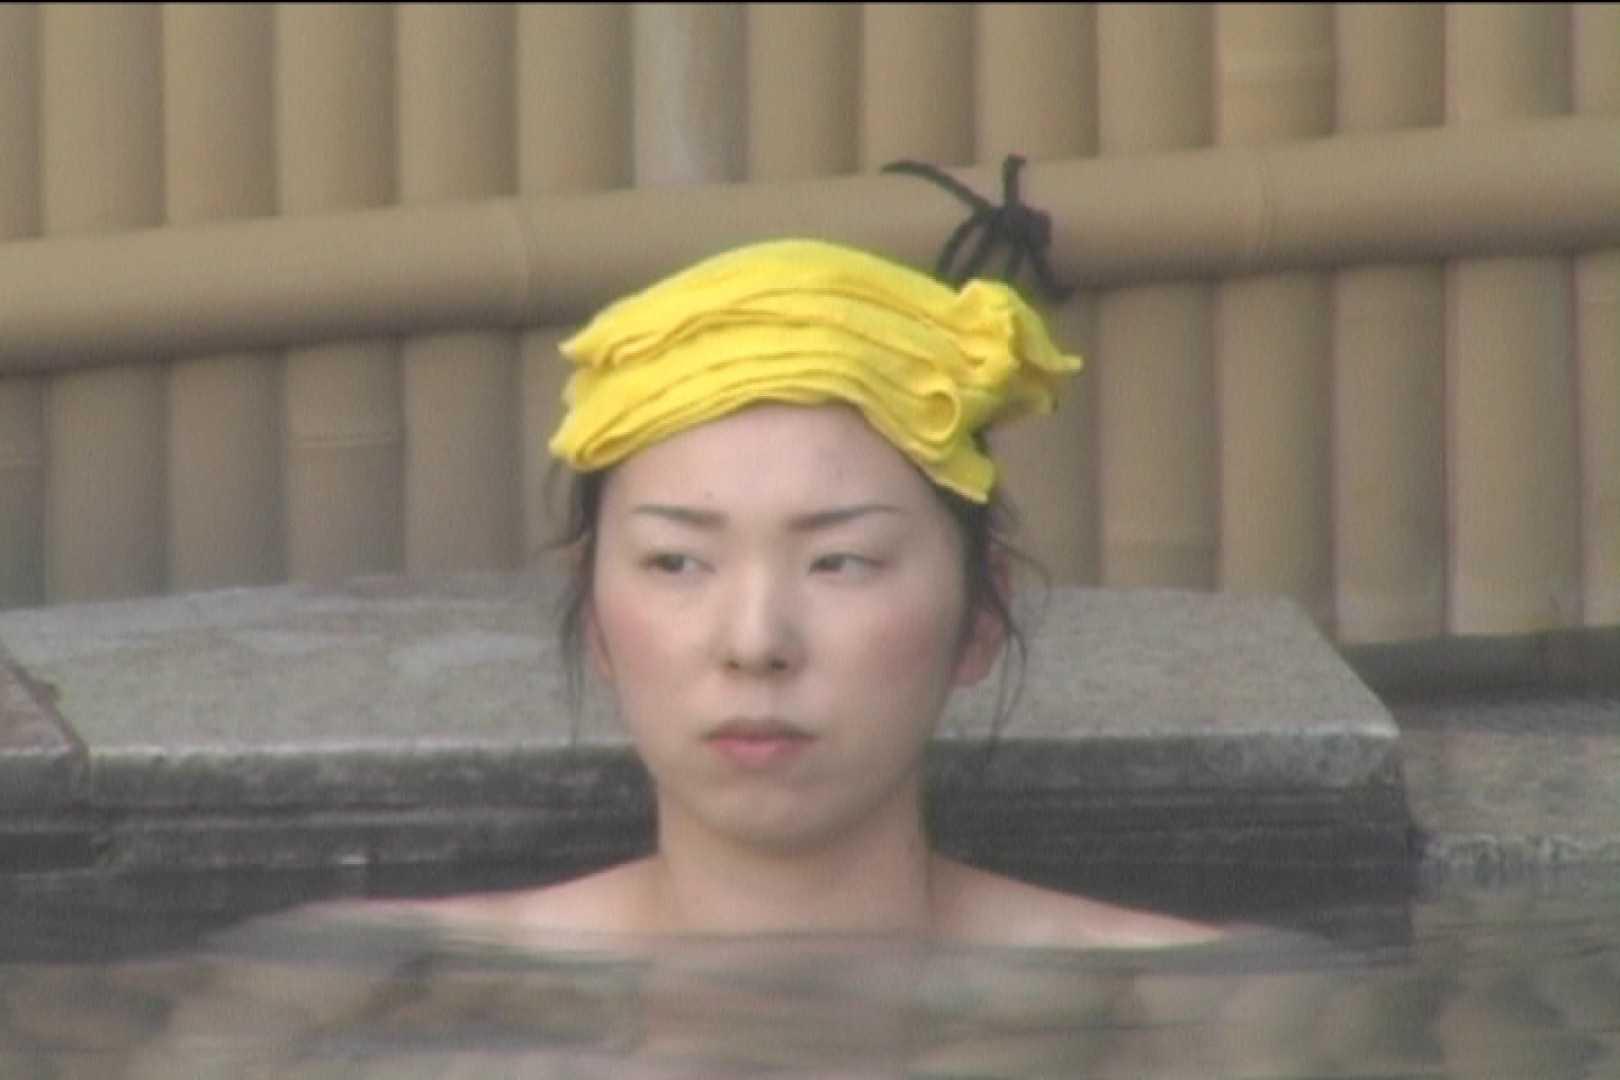 Aquaな露天風呂Vol.529 盗撮師作品 おめこ無修正画像 104pic 50